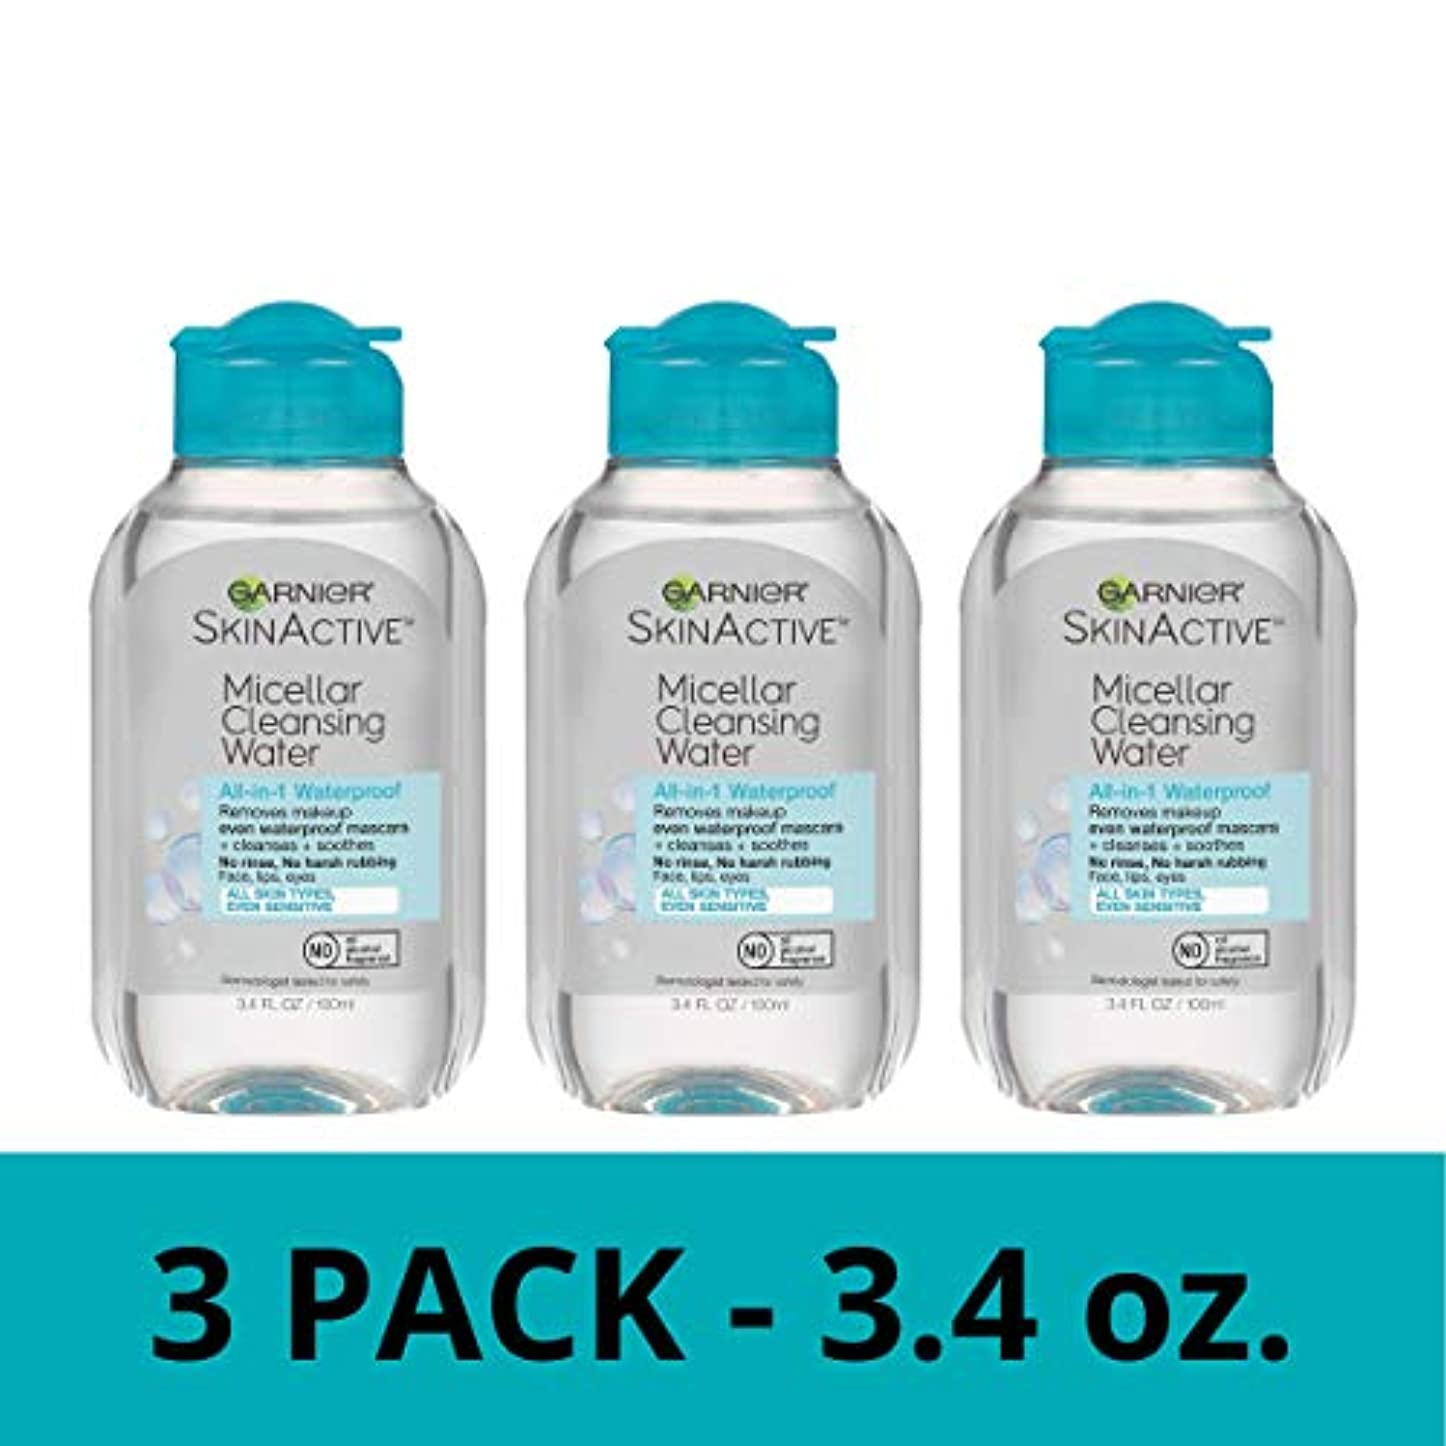 ナビゲーションミスジレンマGarnier SkinActive Micellar Cleansing Water、防水のメイクアップ、旅行サイズ、3カウント